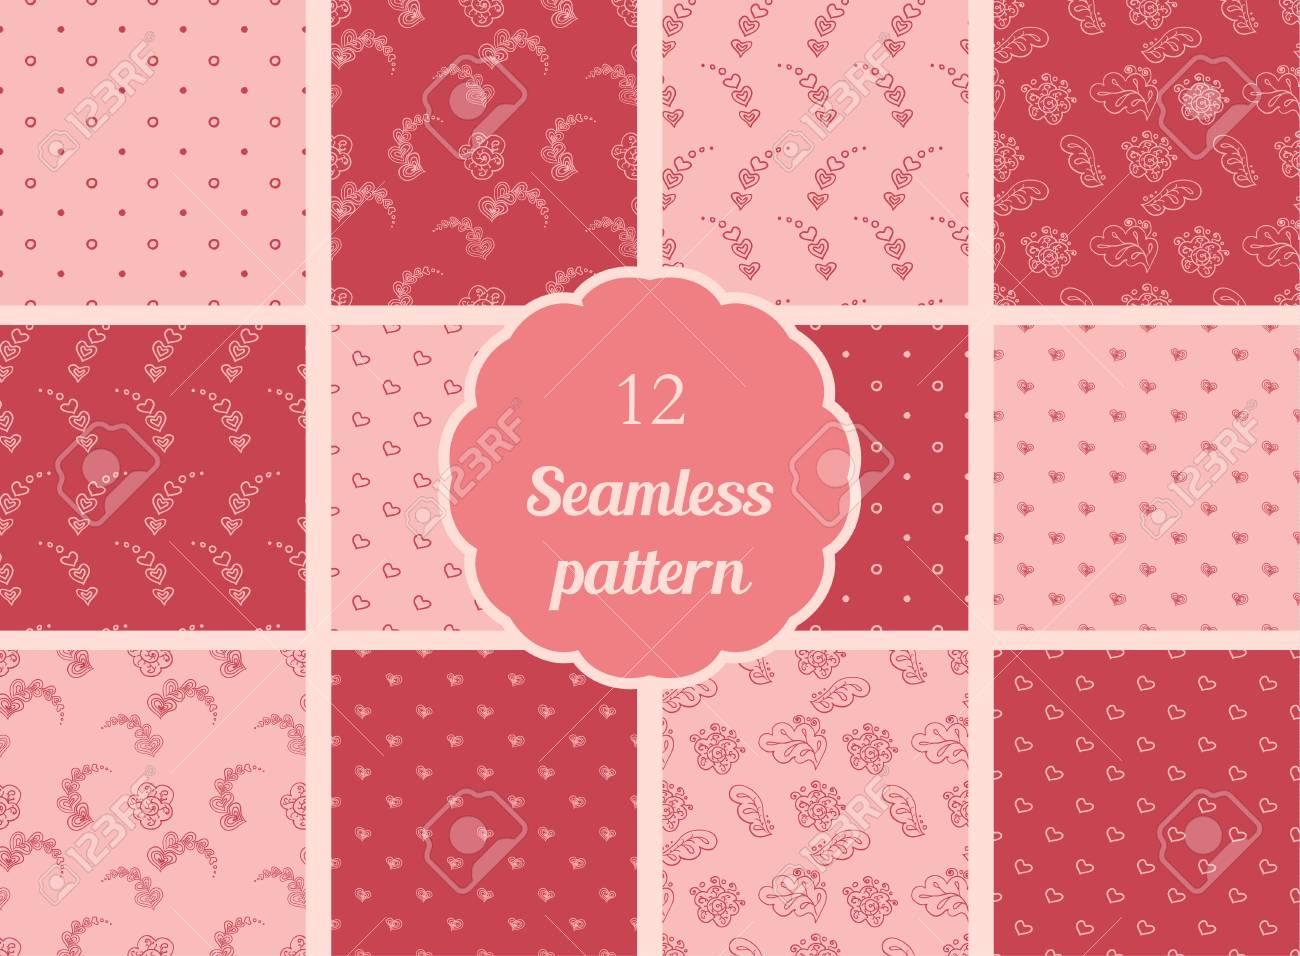 Conjunto de patrones sin fisuras en tonos rojos y rojos suaves. Las pautas  de los textiles cdd221f37a9c